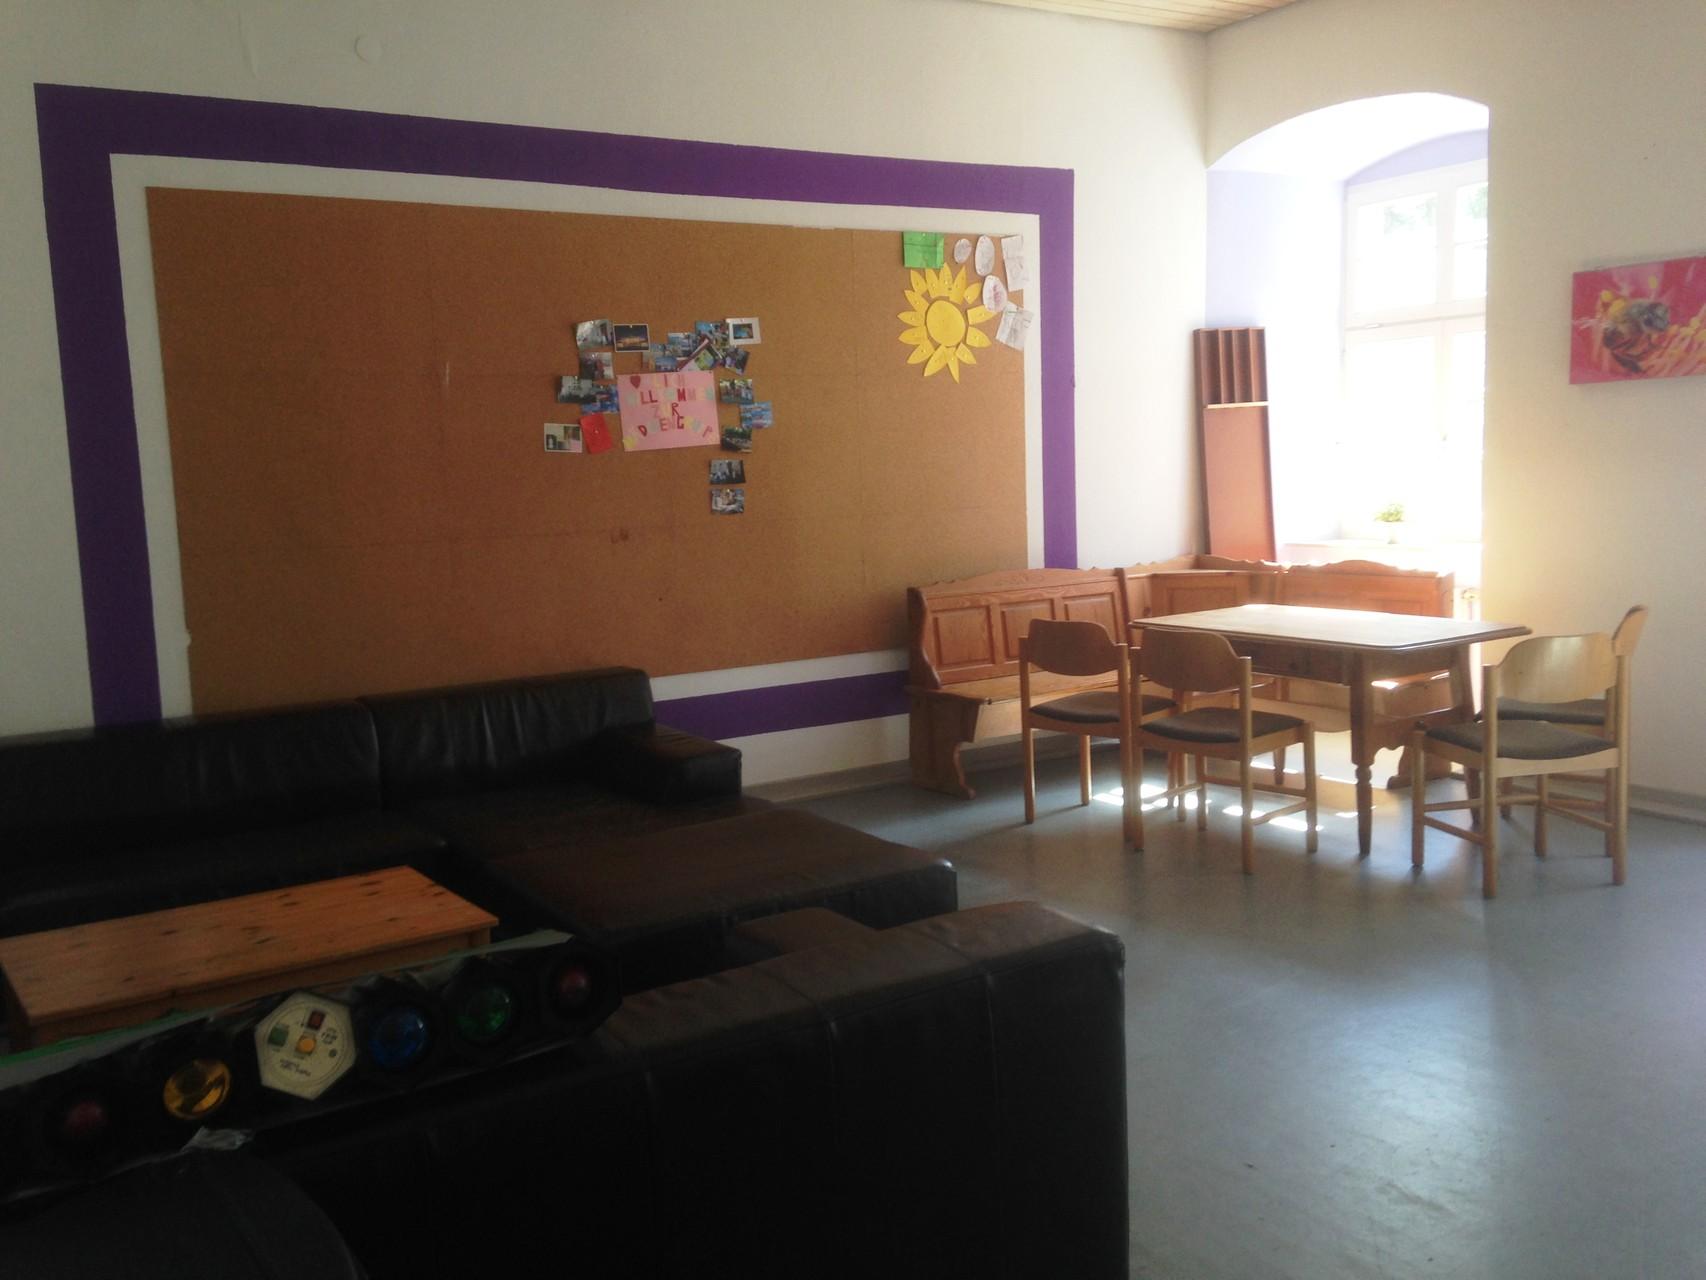 Der zweite Raum, besonders gern von unserer Mädchengruppe genutzt